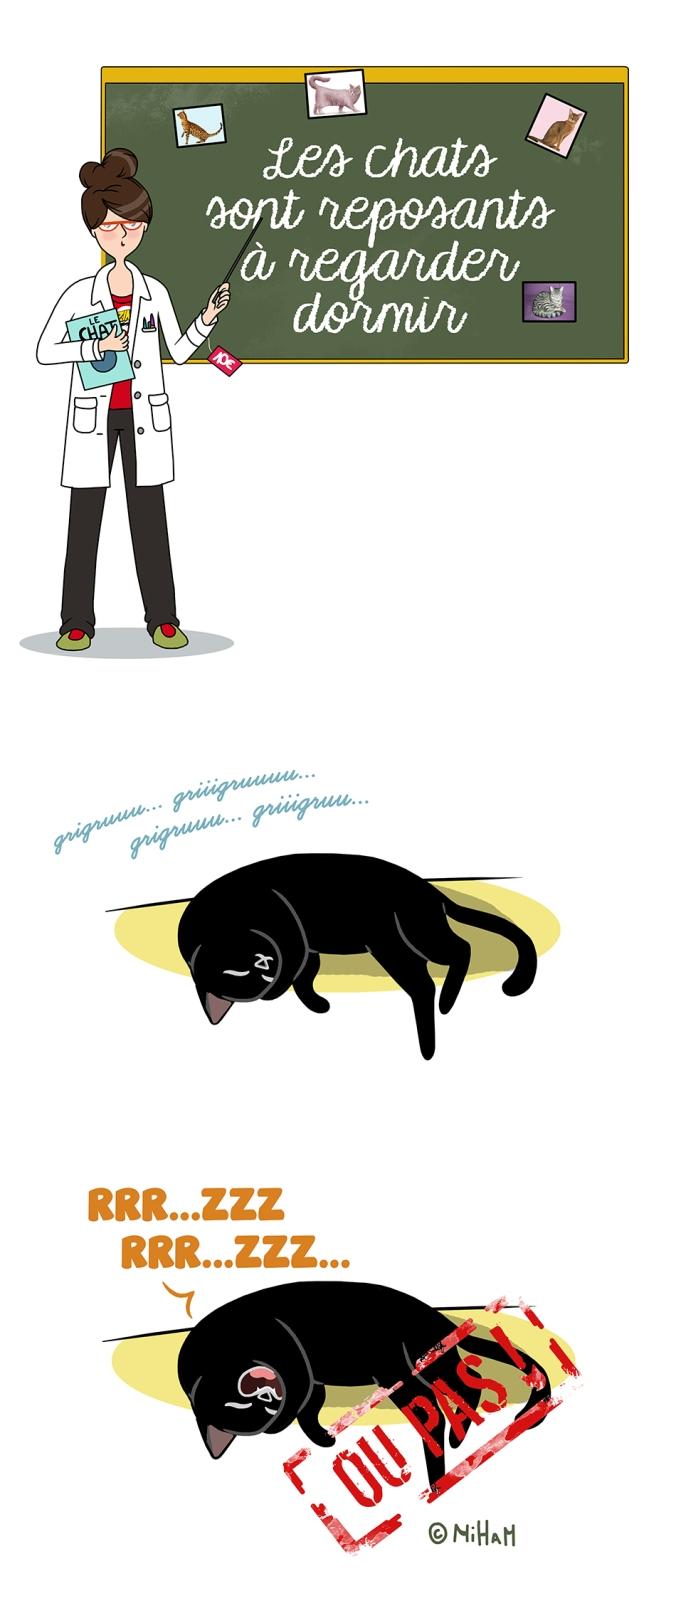 idée-reçue-sur-les-chats-dessin